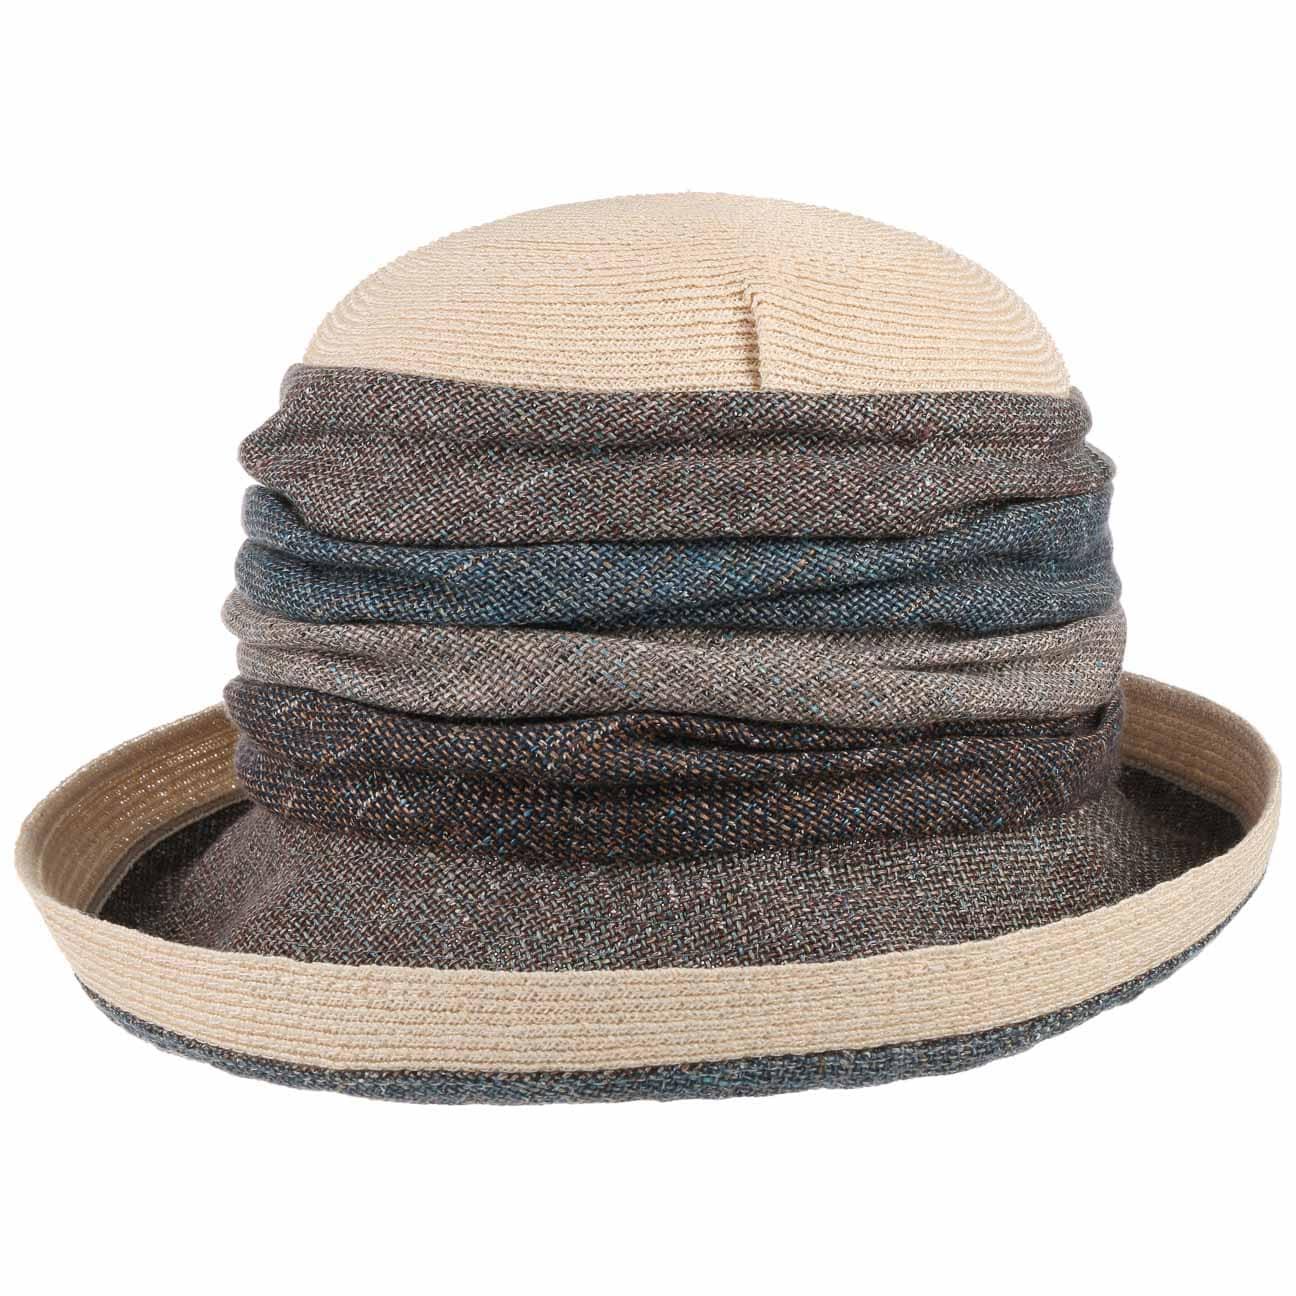 Sombrero Cloche Livana by GREVI